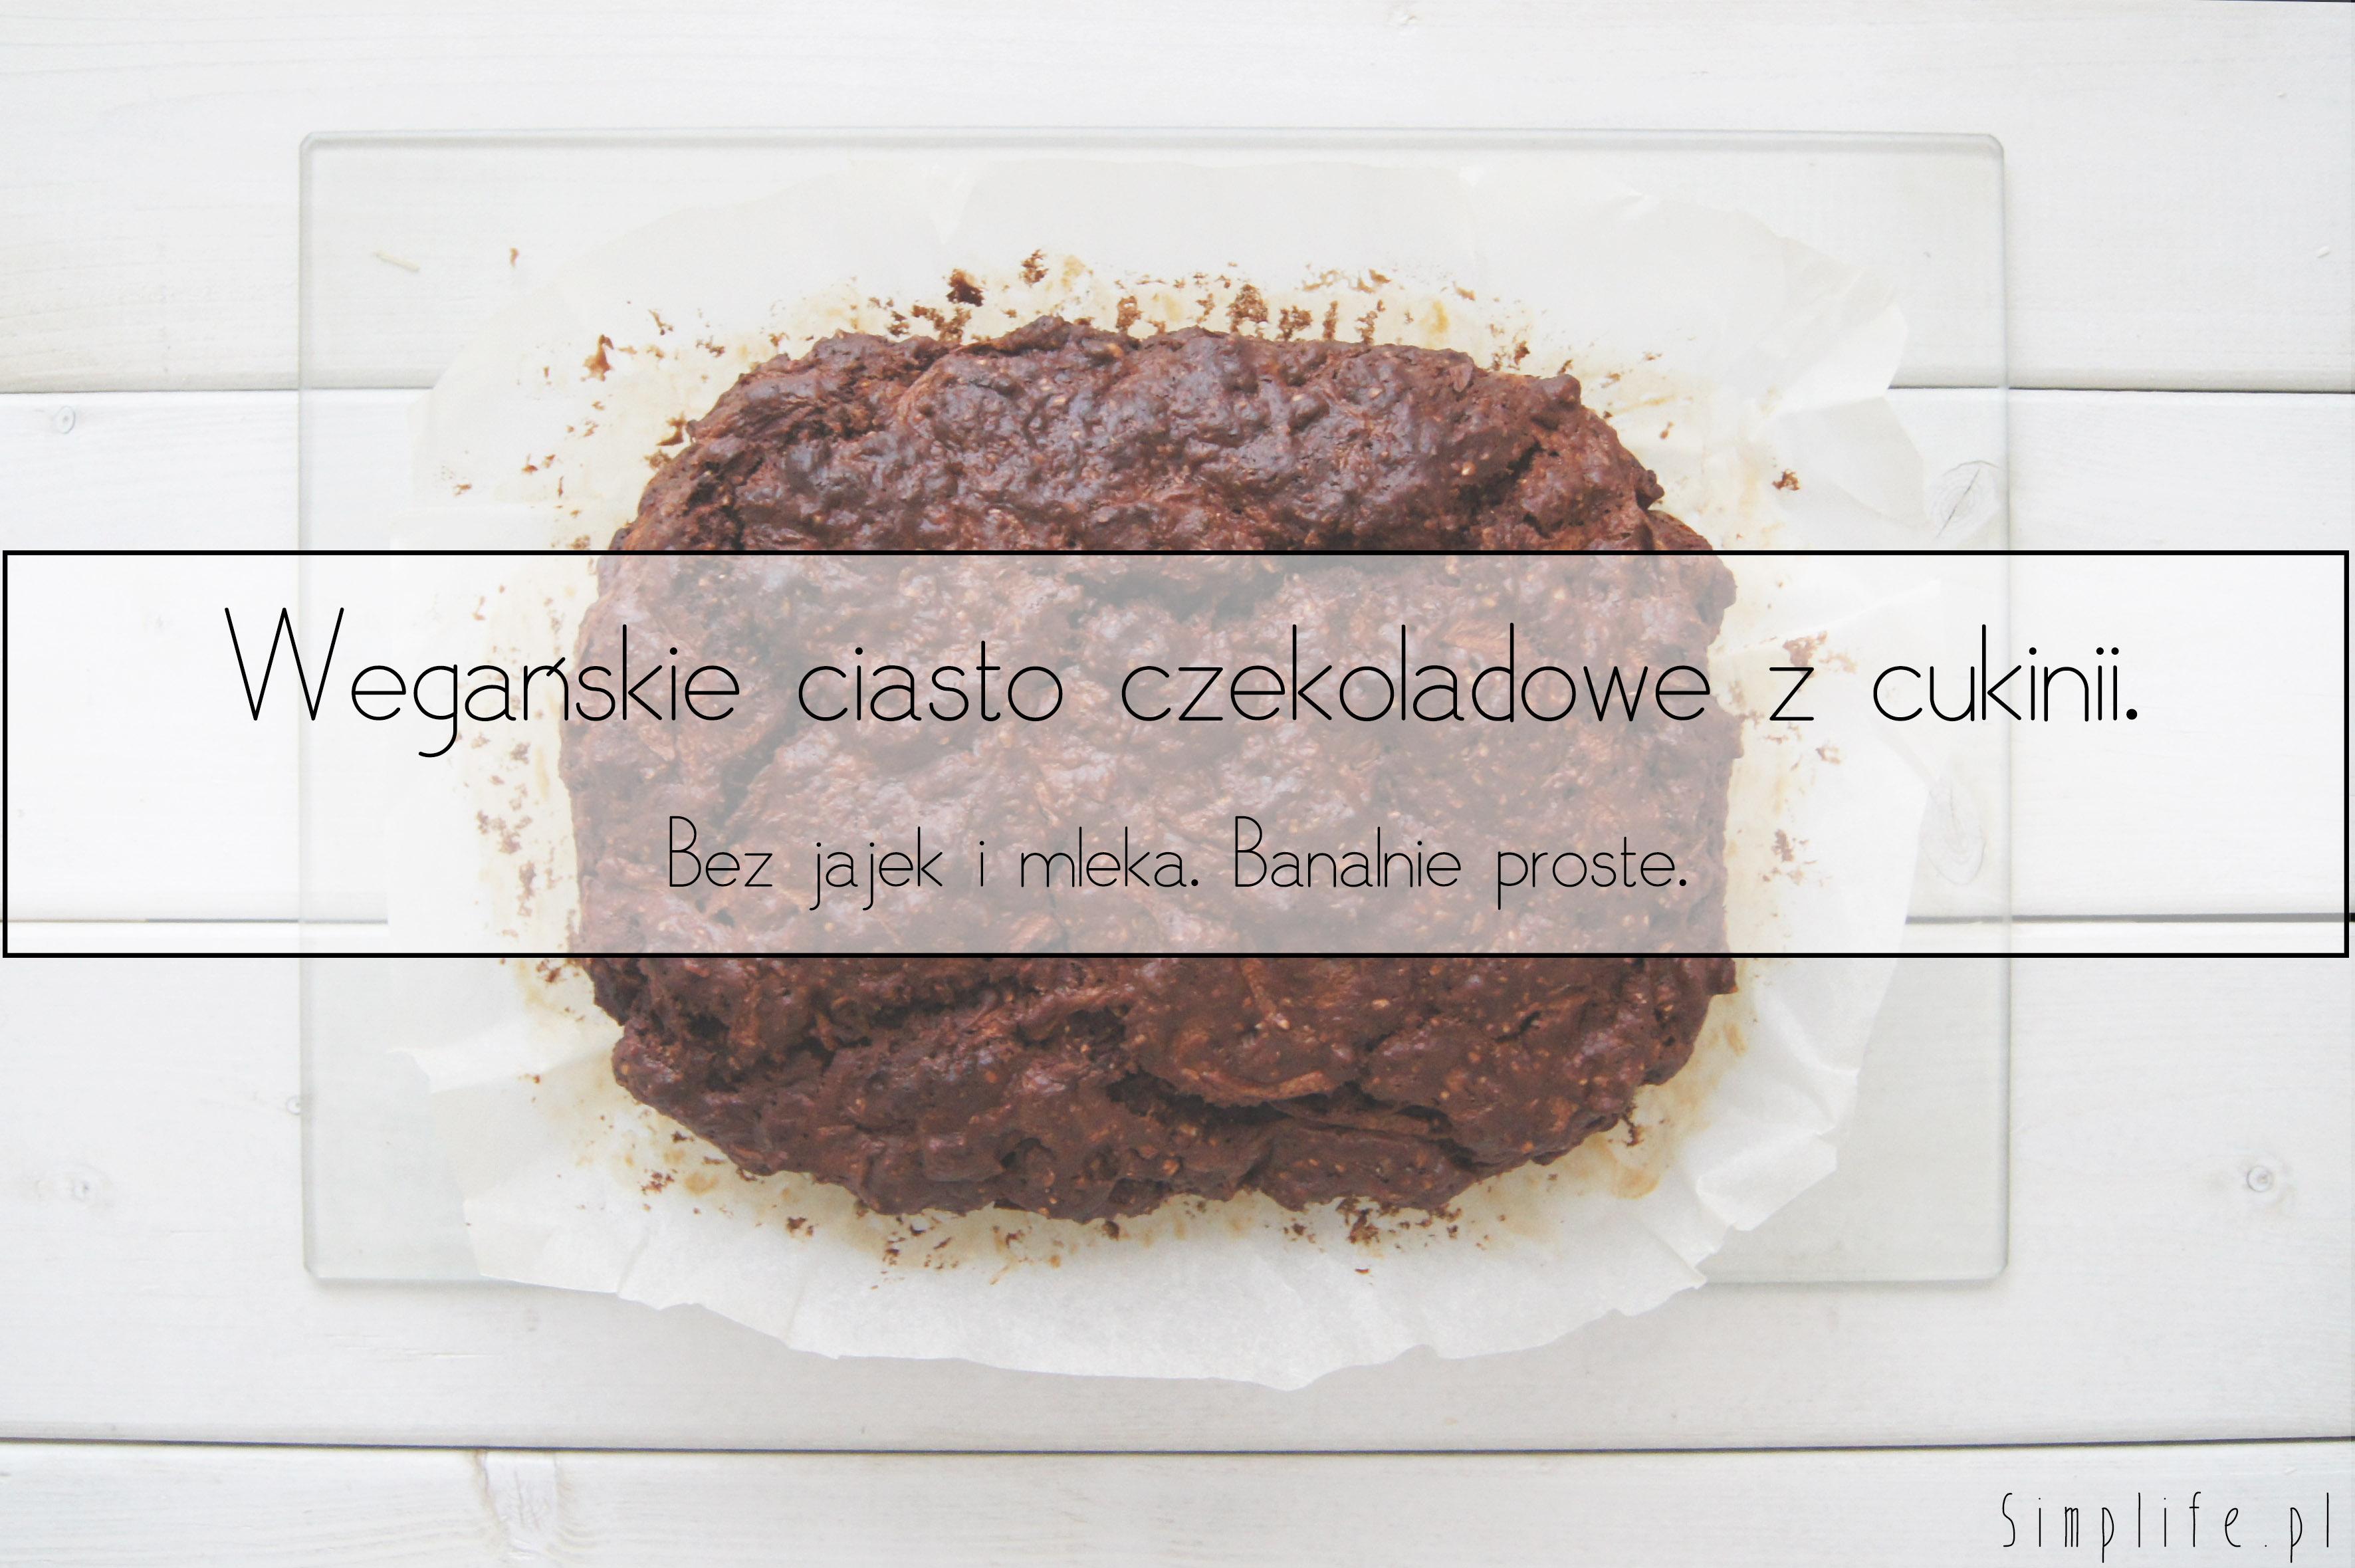 wegańskie-ciasto-czekoladowe